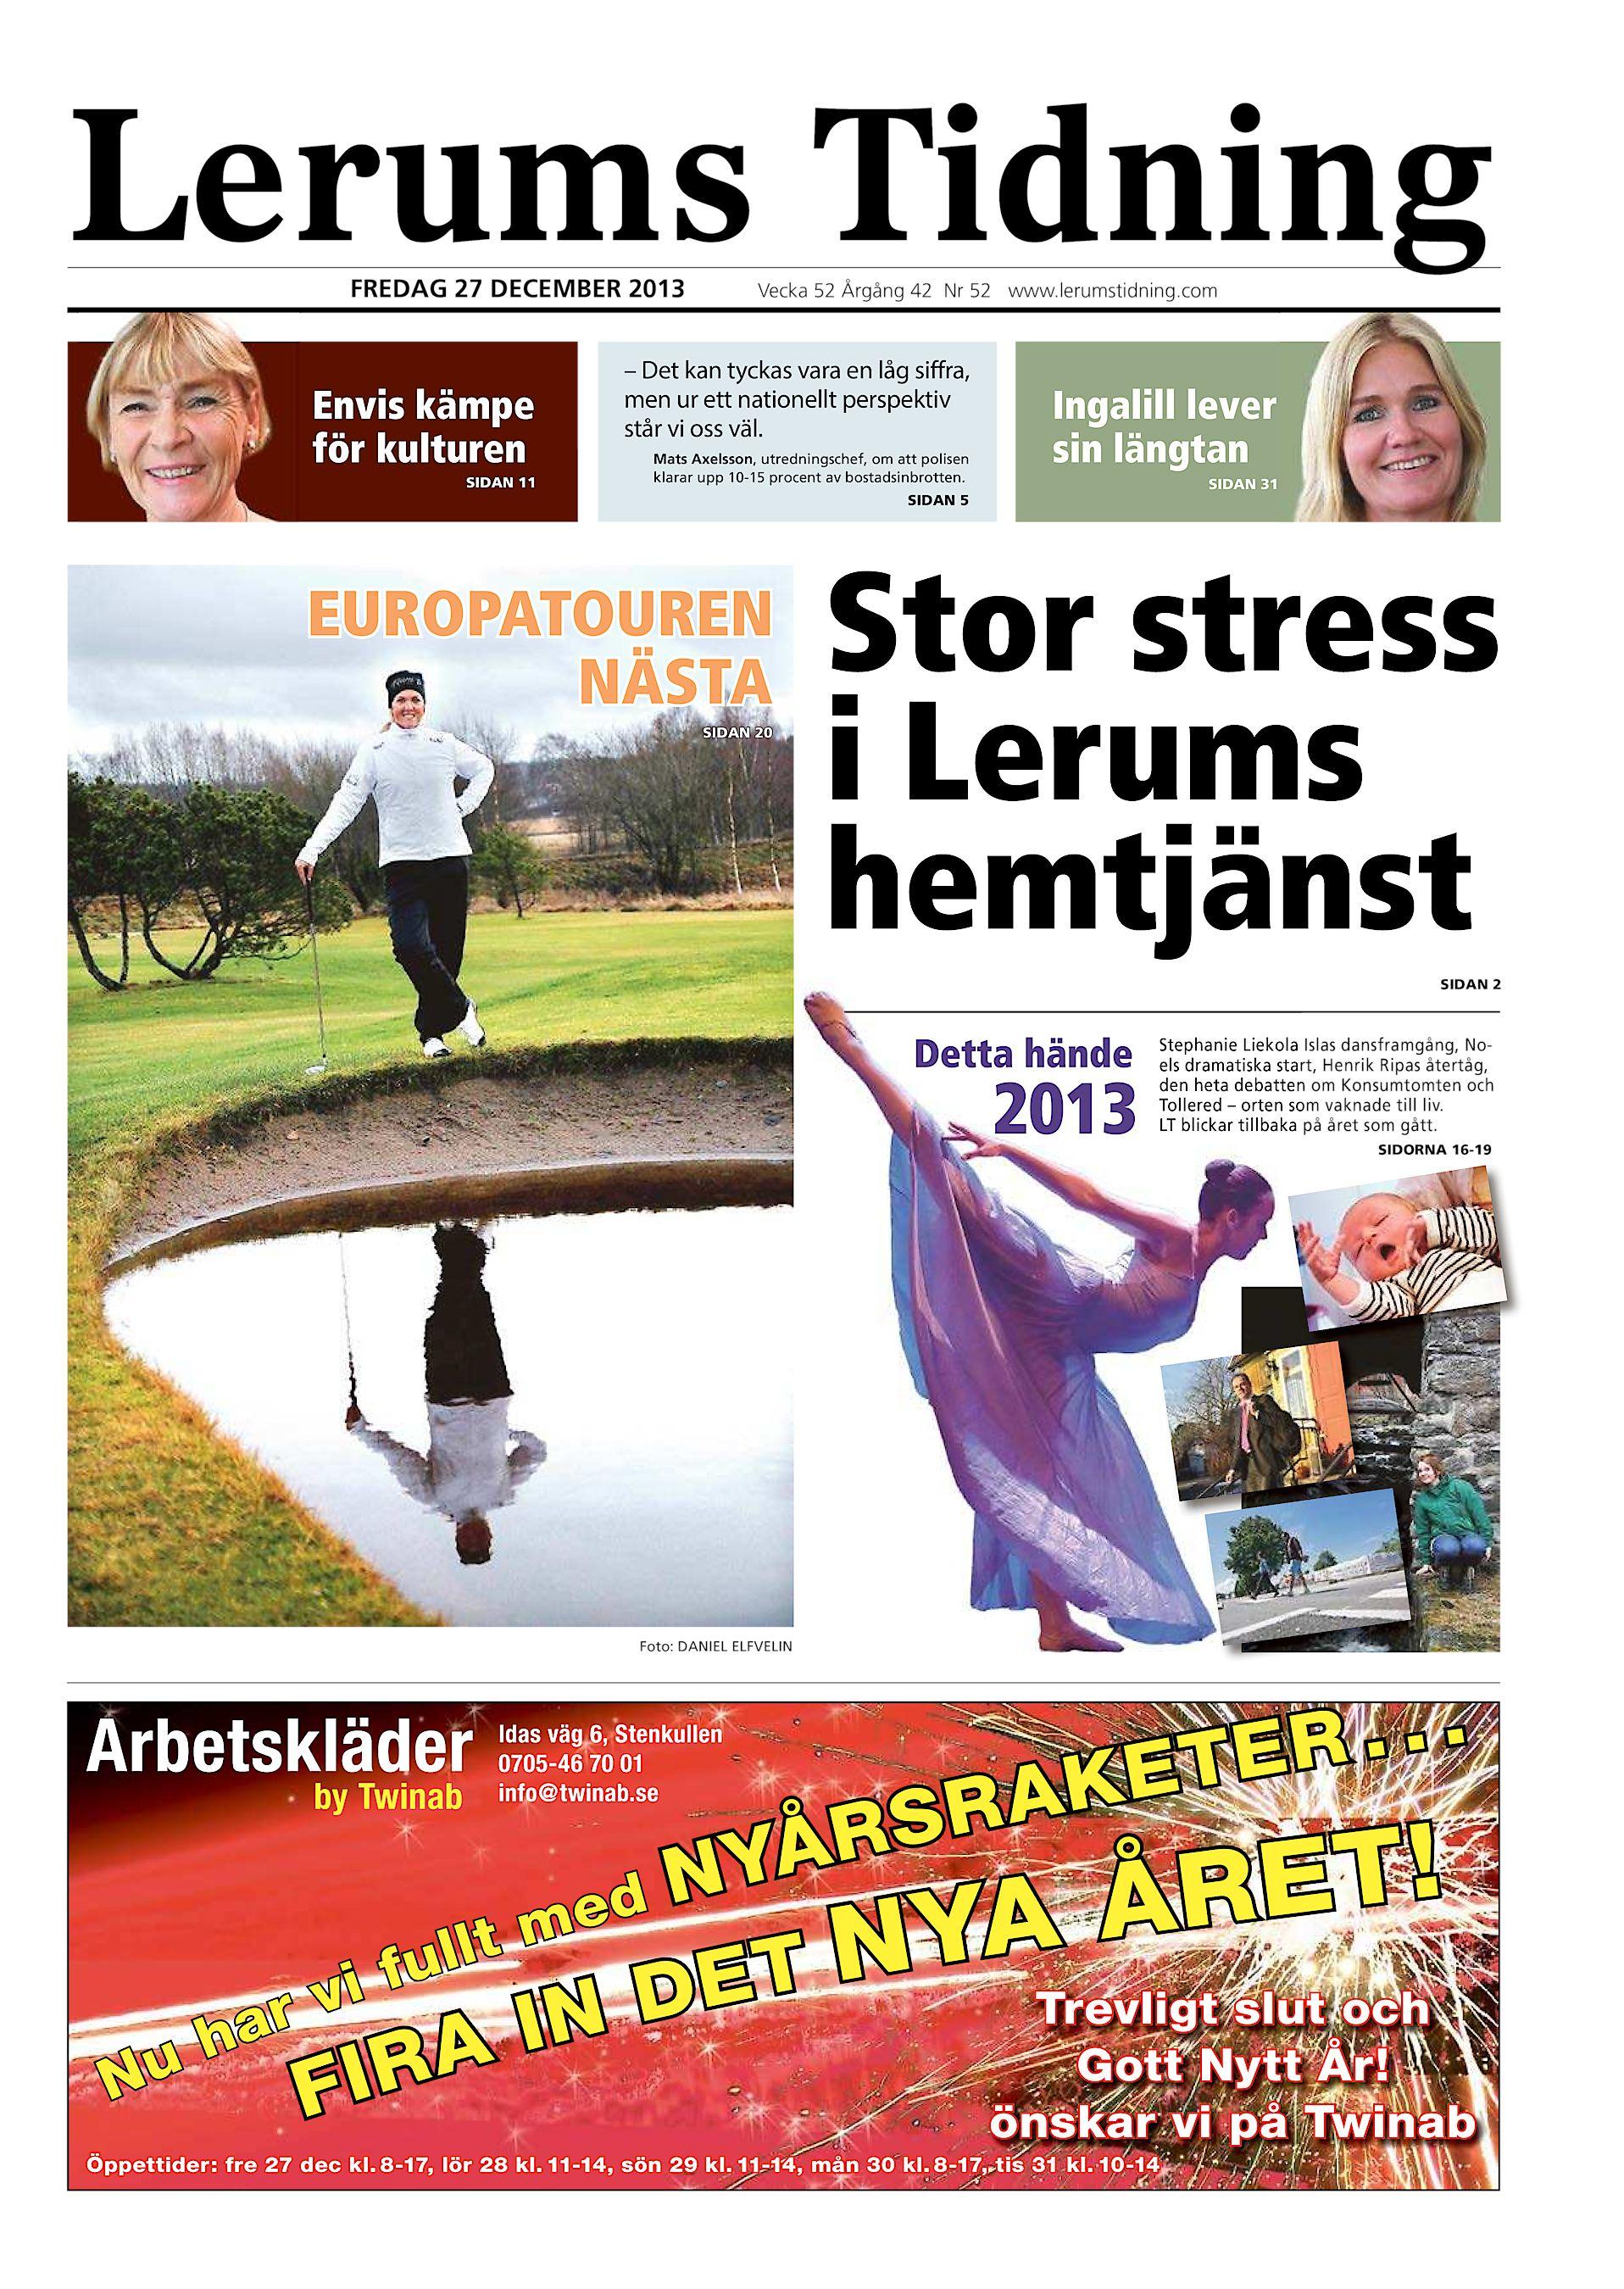 e3eff4f4a121 Lerums Tidning FREDAG 27 DECEMBER 2013 Envis kämpe för kulturen SIDAN 11  Vecka 52 Årgång 42 Nr 52 www.lerumstidning.com – Det kan tyckas vara en låg  siffra, ...